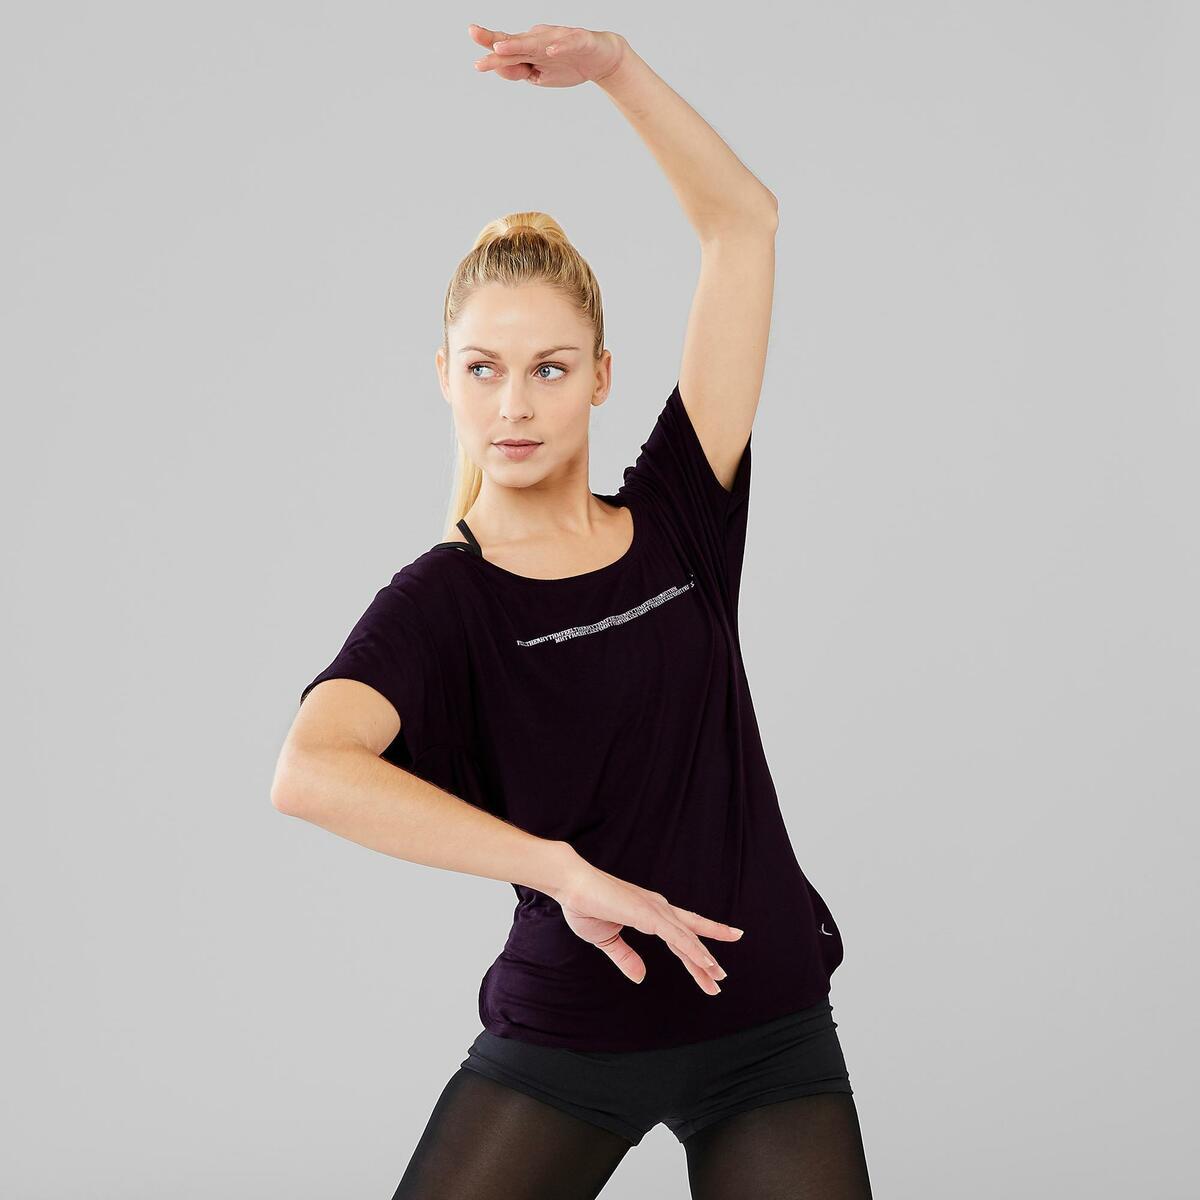 Bild 2 von Dance-Shirt kurz Modern Dance Damen schwarz